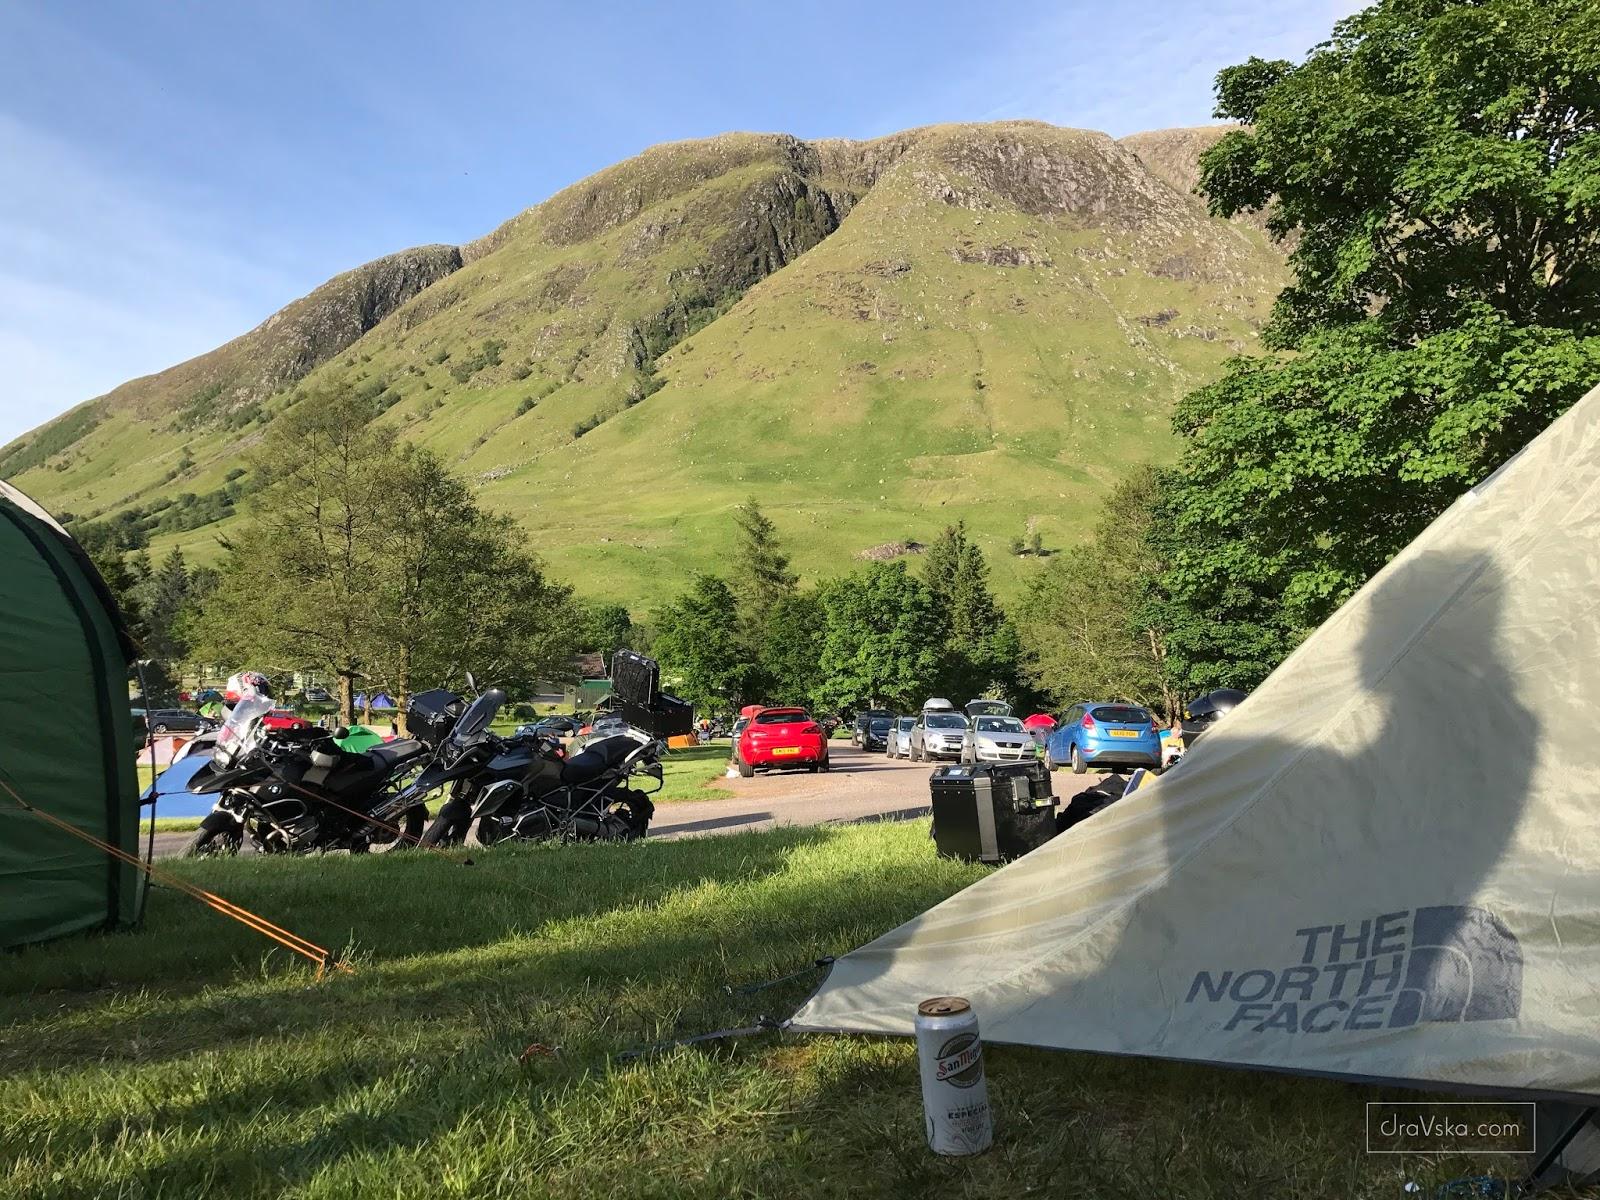 Ben Nevis - najwyższy szczyt Szkocji... i całych Wysp Brytyjskich. Wejście 06.2017 czyli jak to ogarnąć i na co się przygotować?